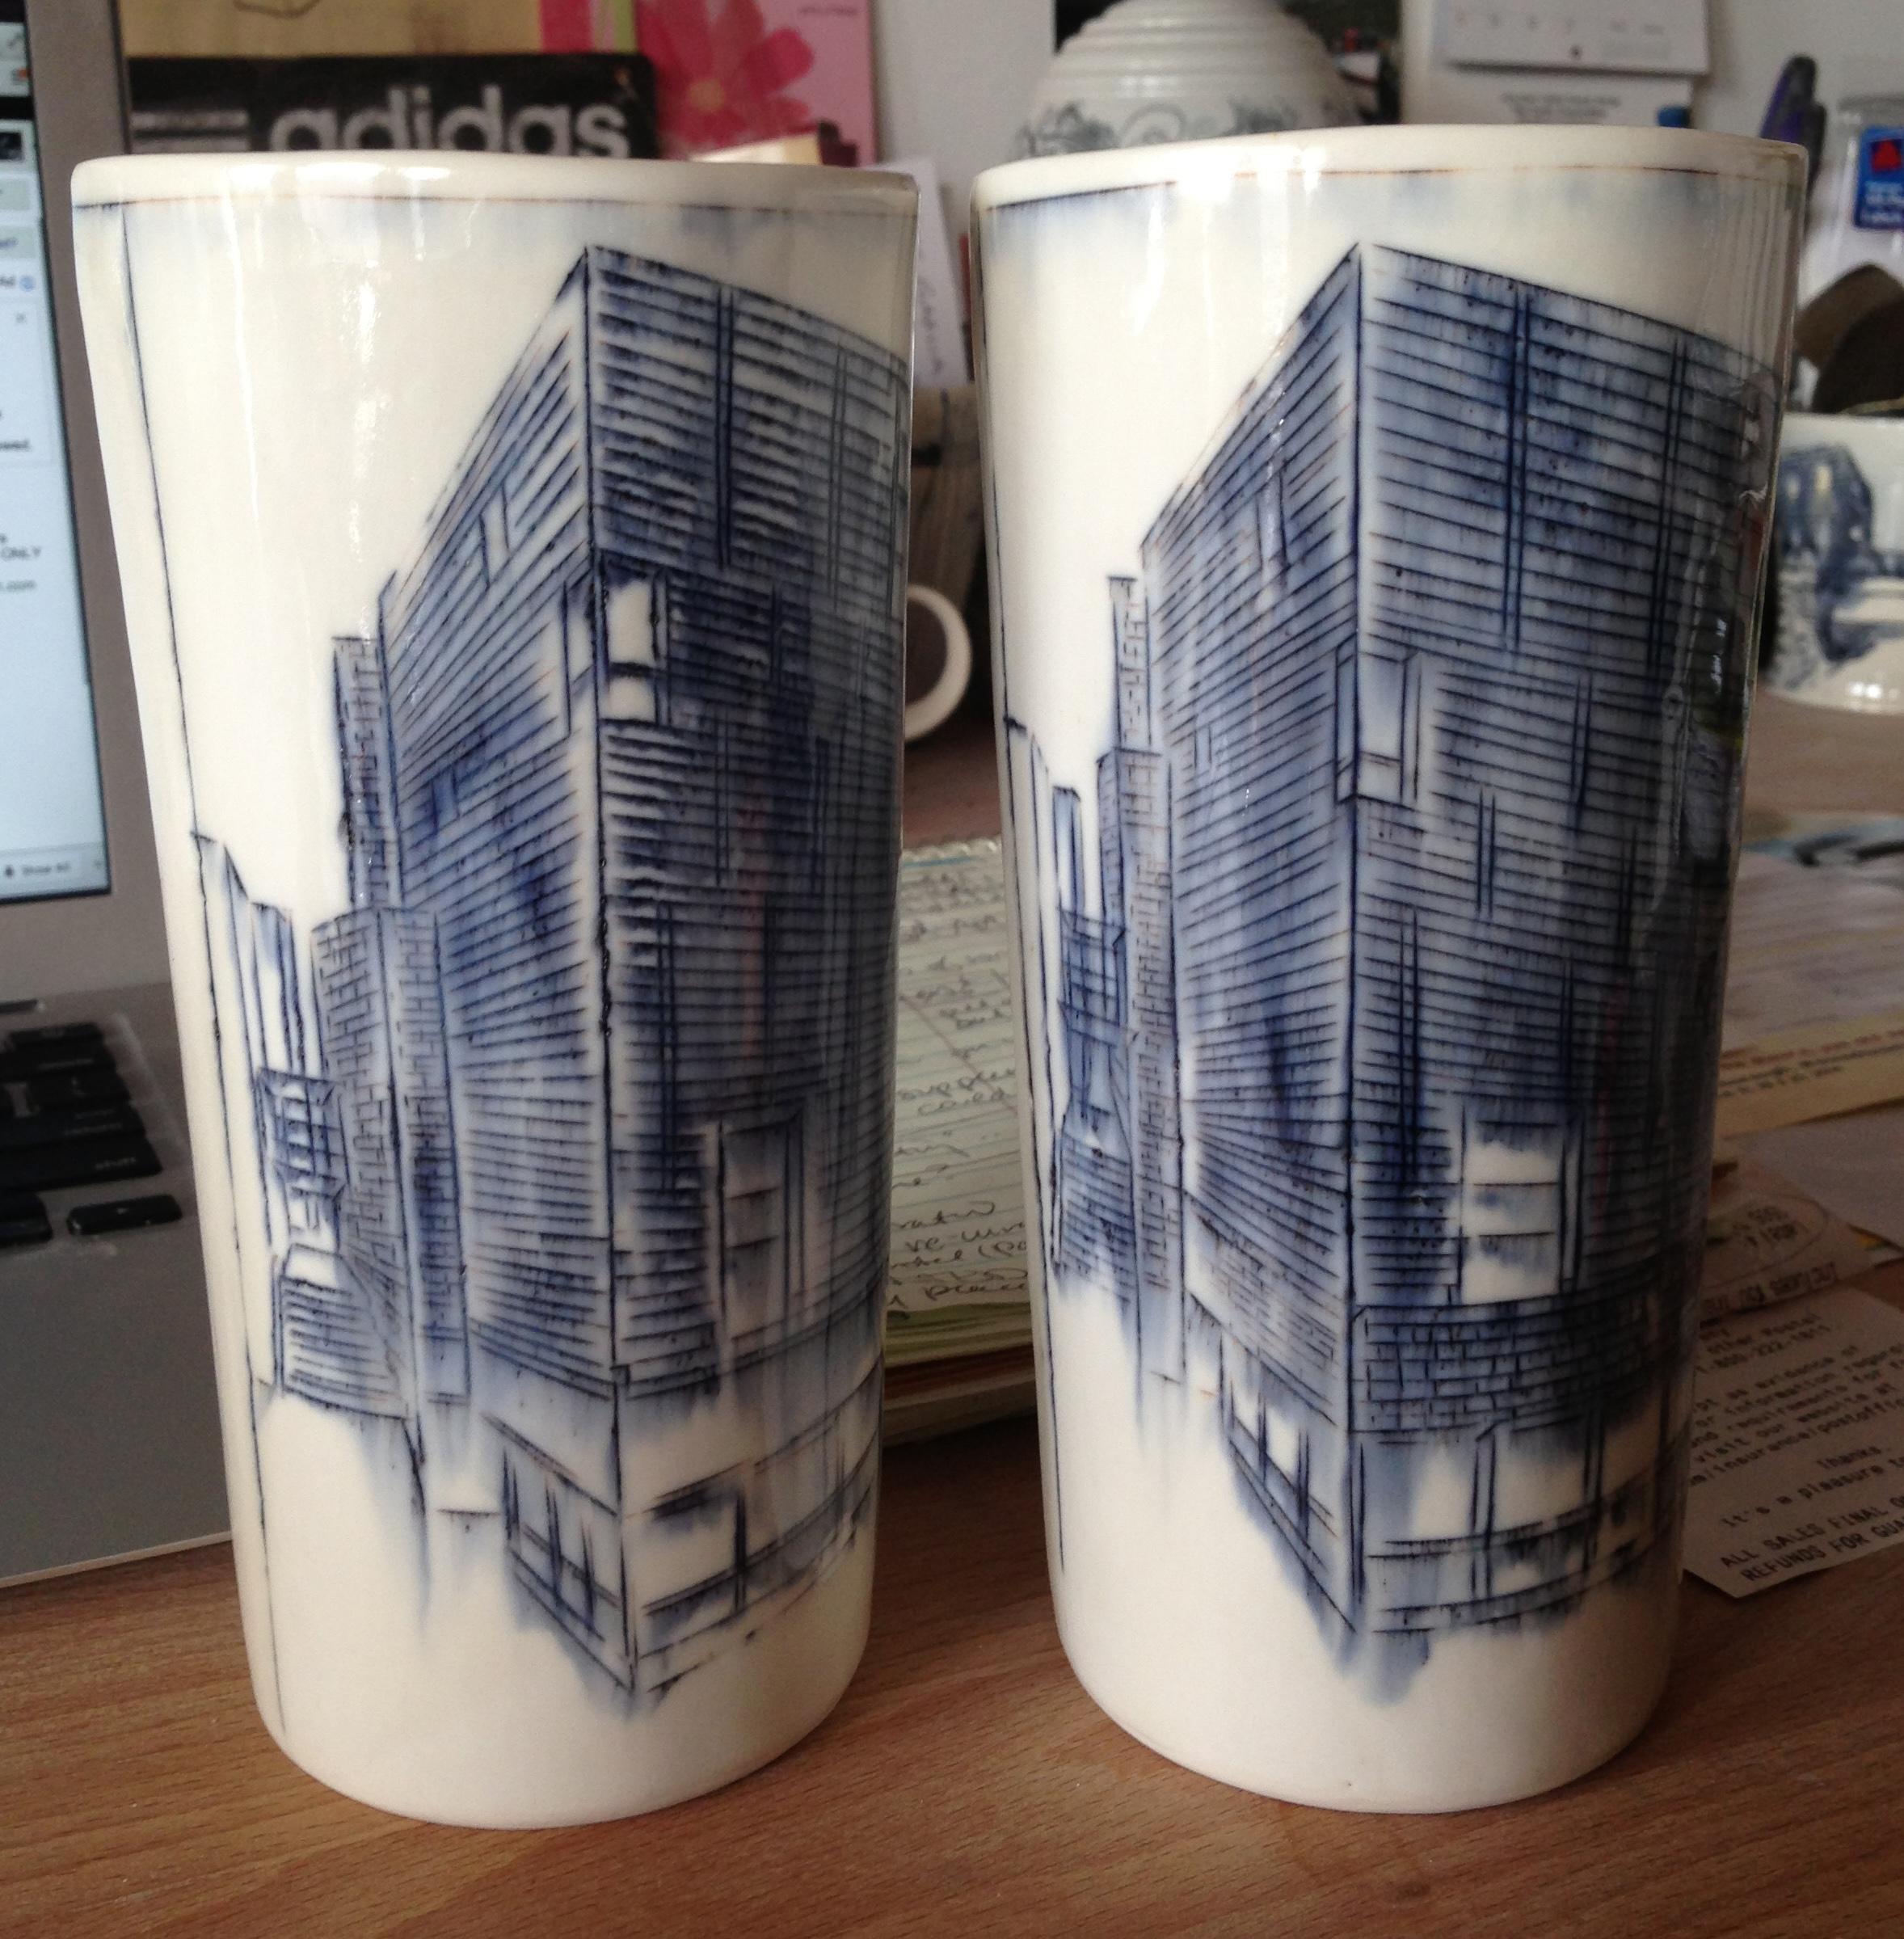 risd museum custom vases_cropped